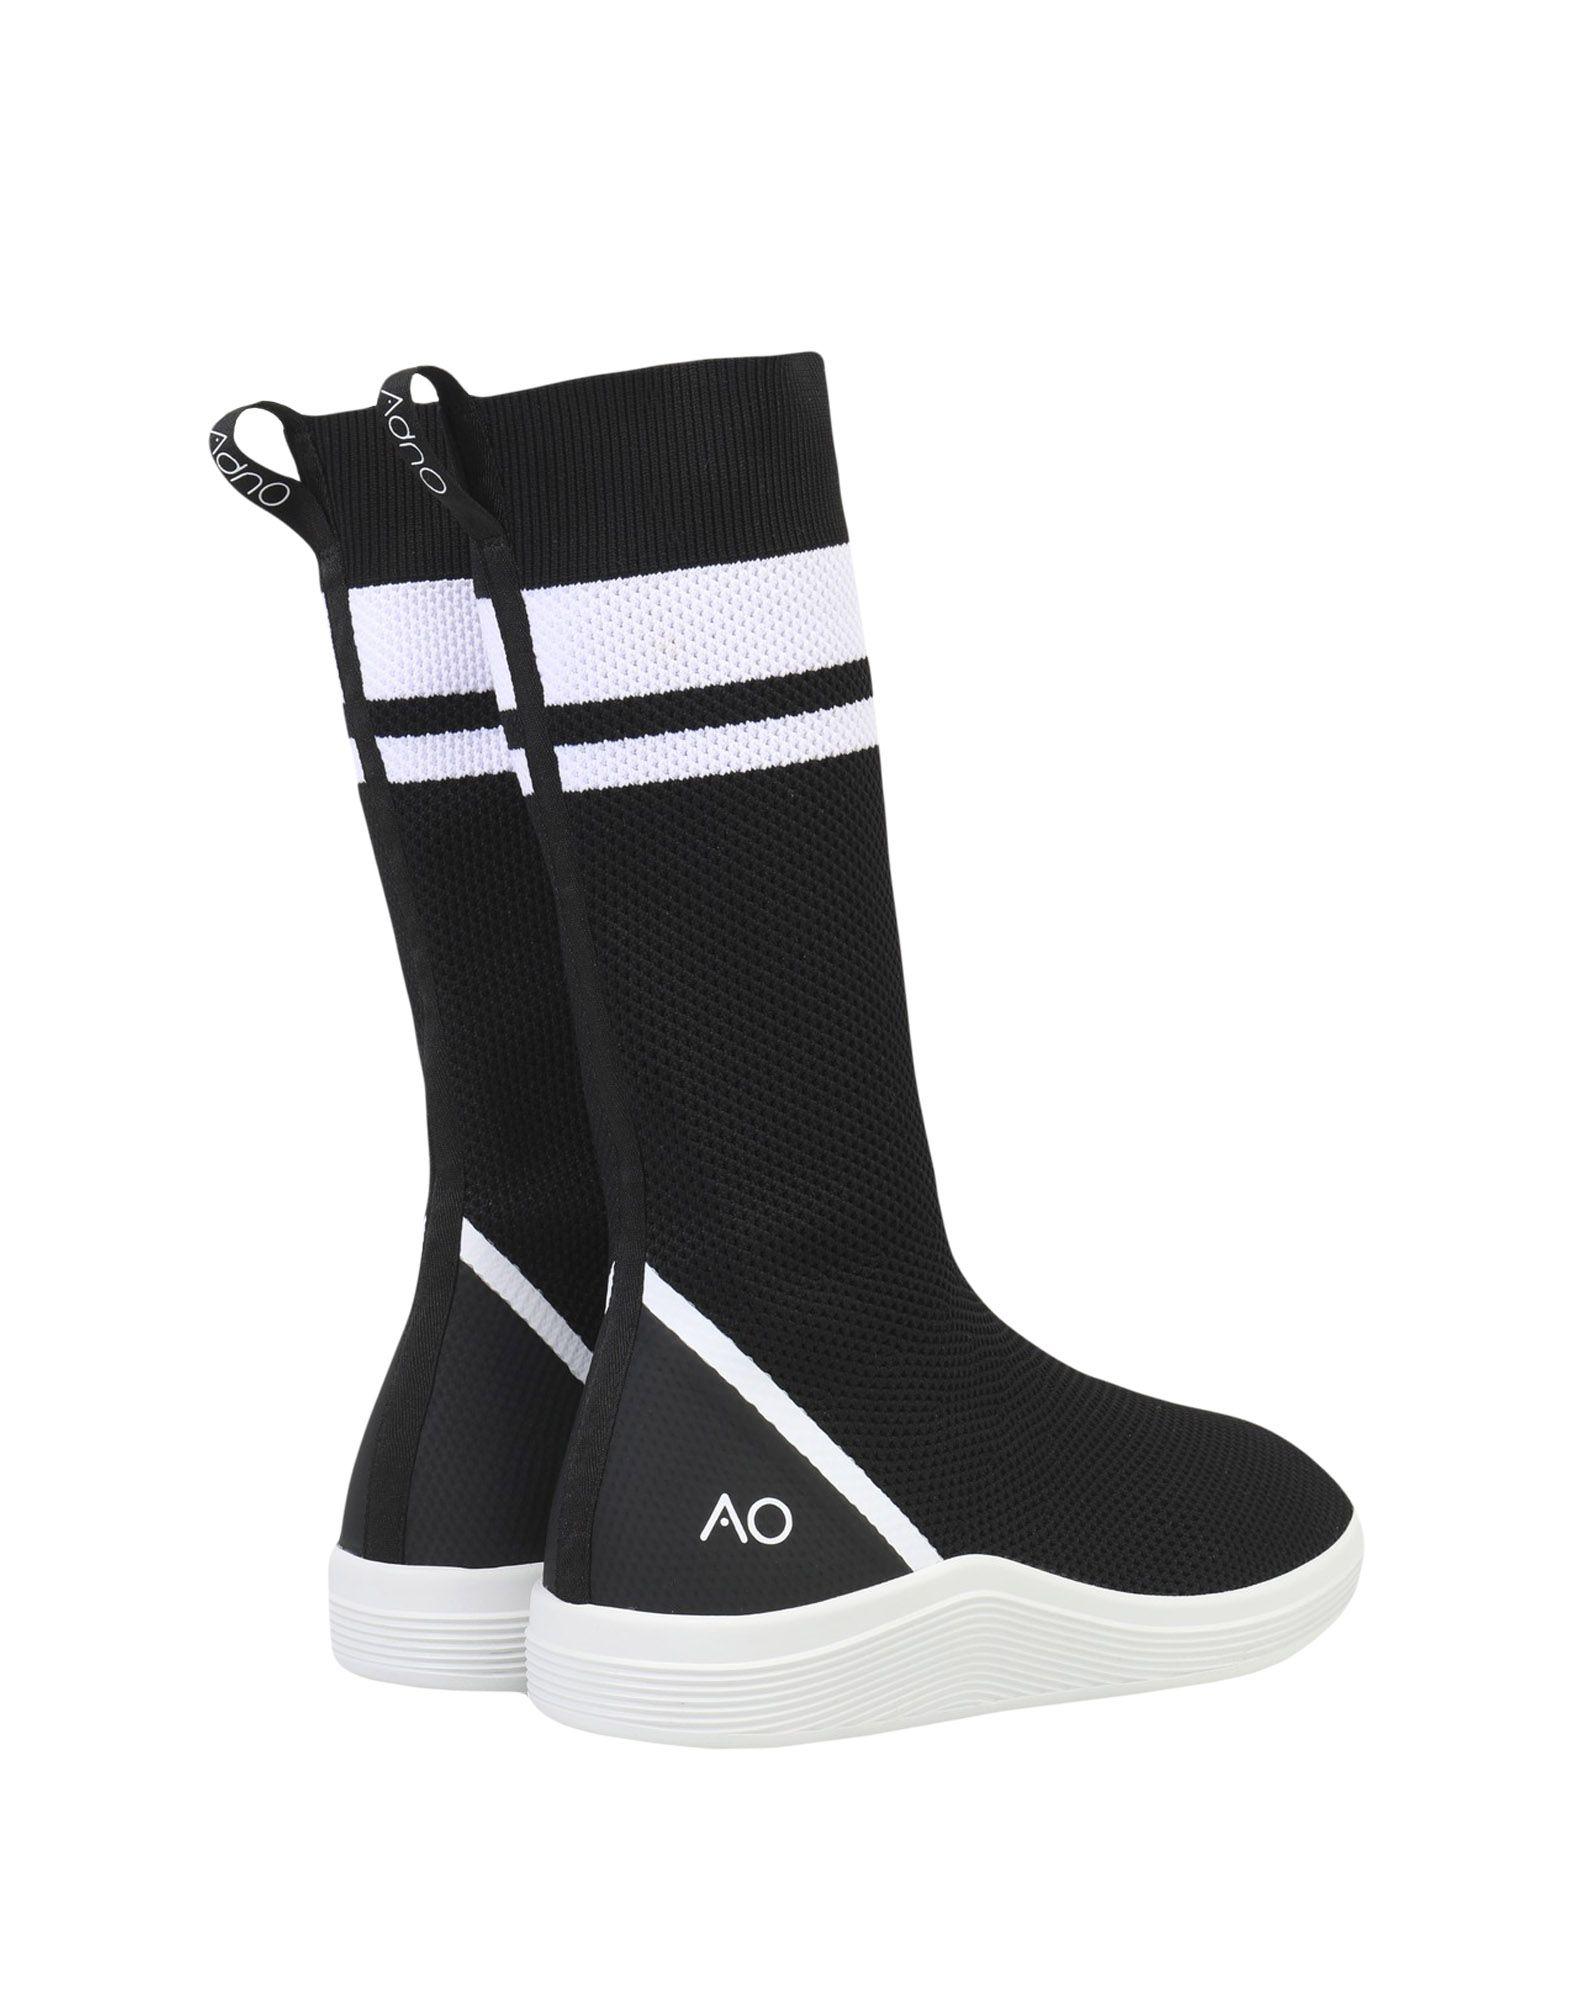 Bottes Adno® Ao Stripes 8.6 - Femme - Bottes Adno® sur